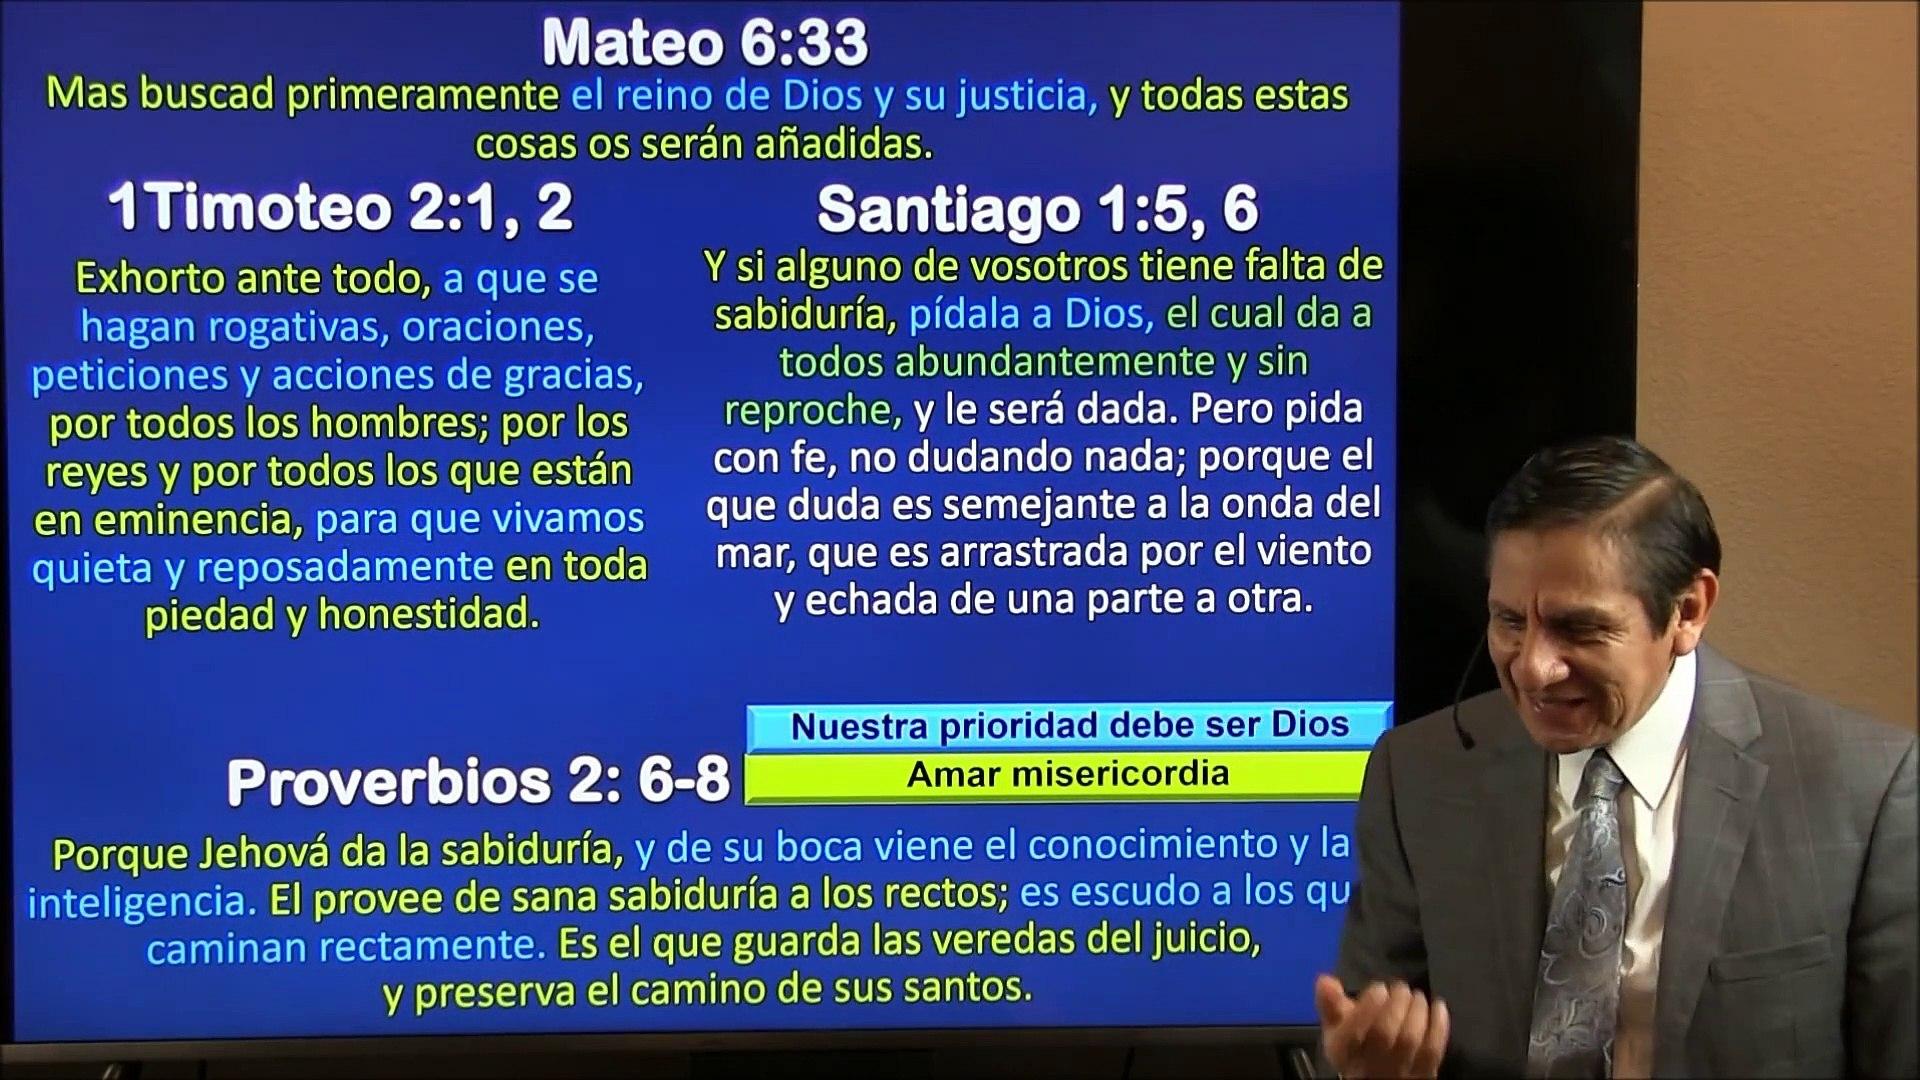 Lección 12: Amar misericordia - Escuela sabatica 2000